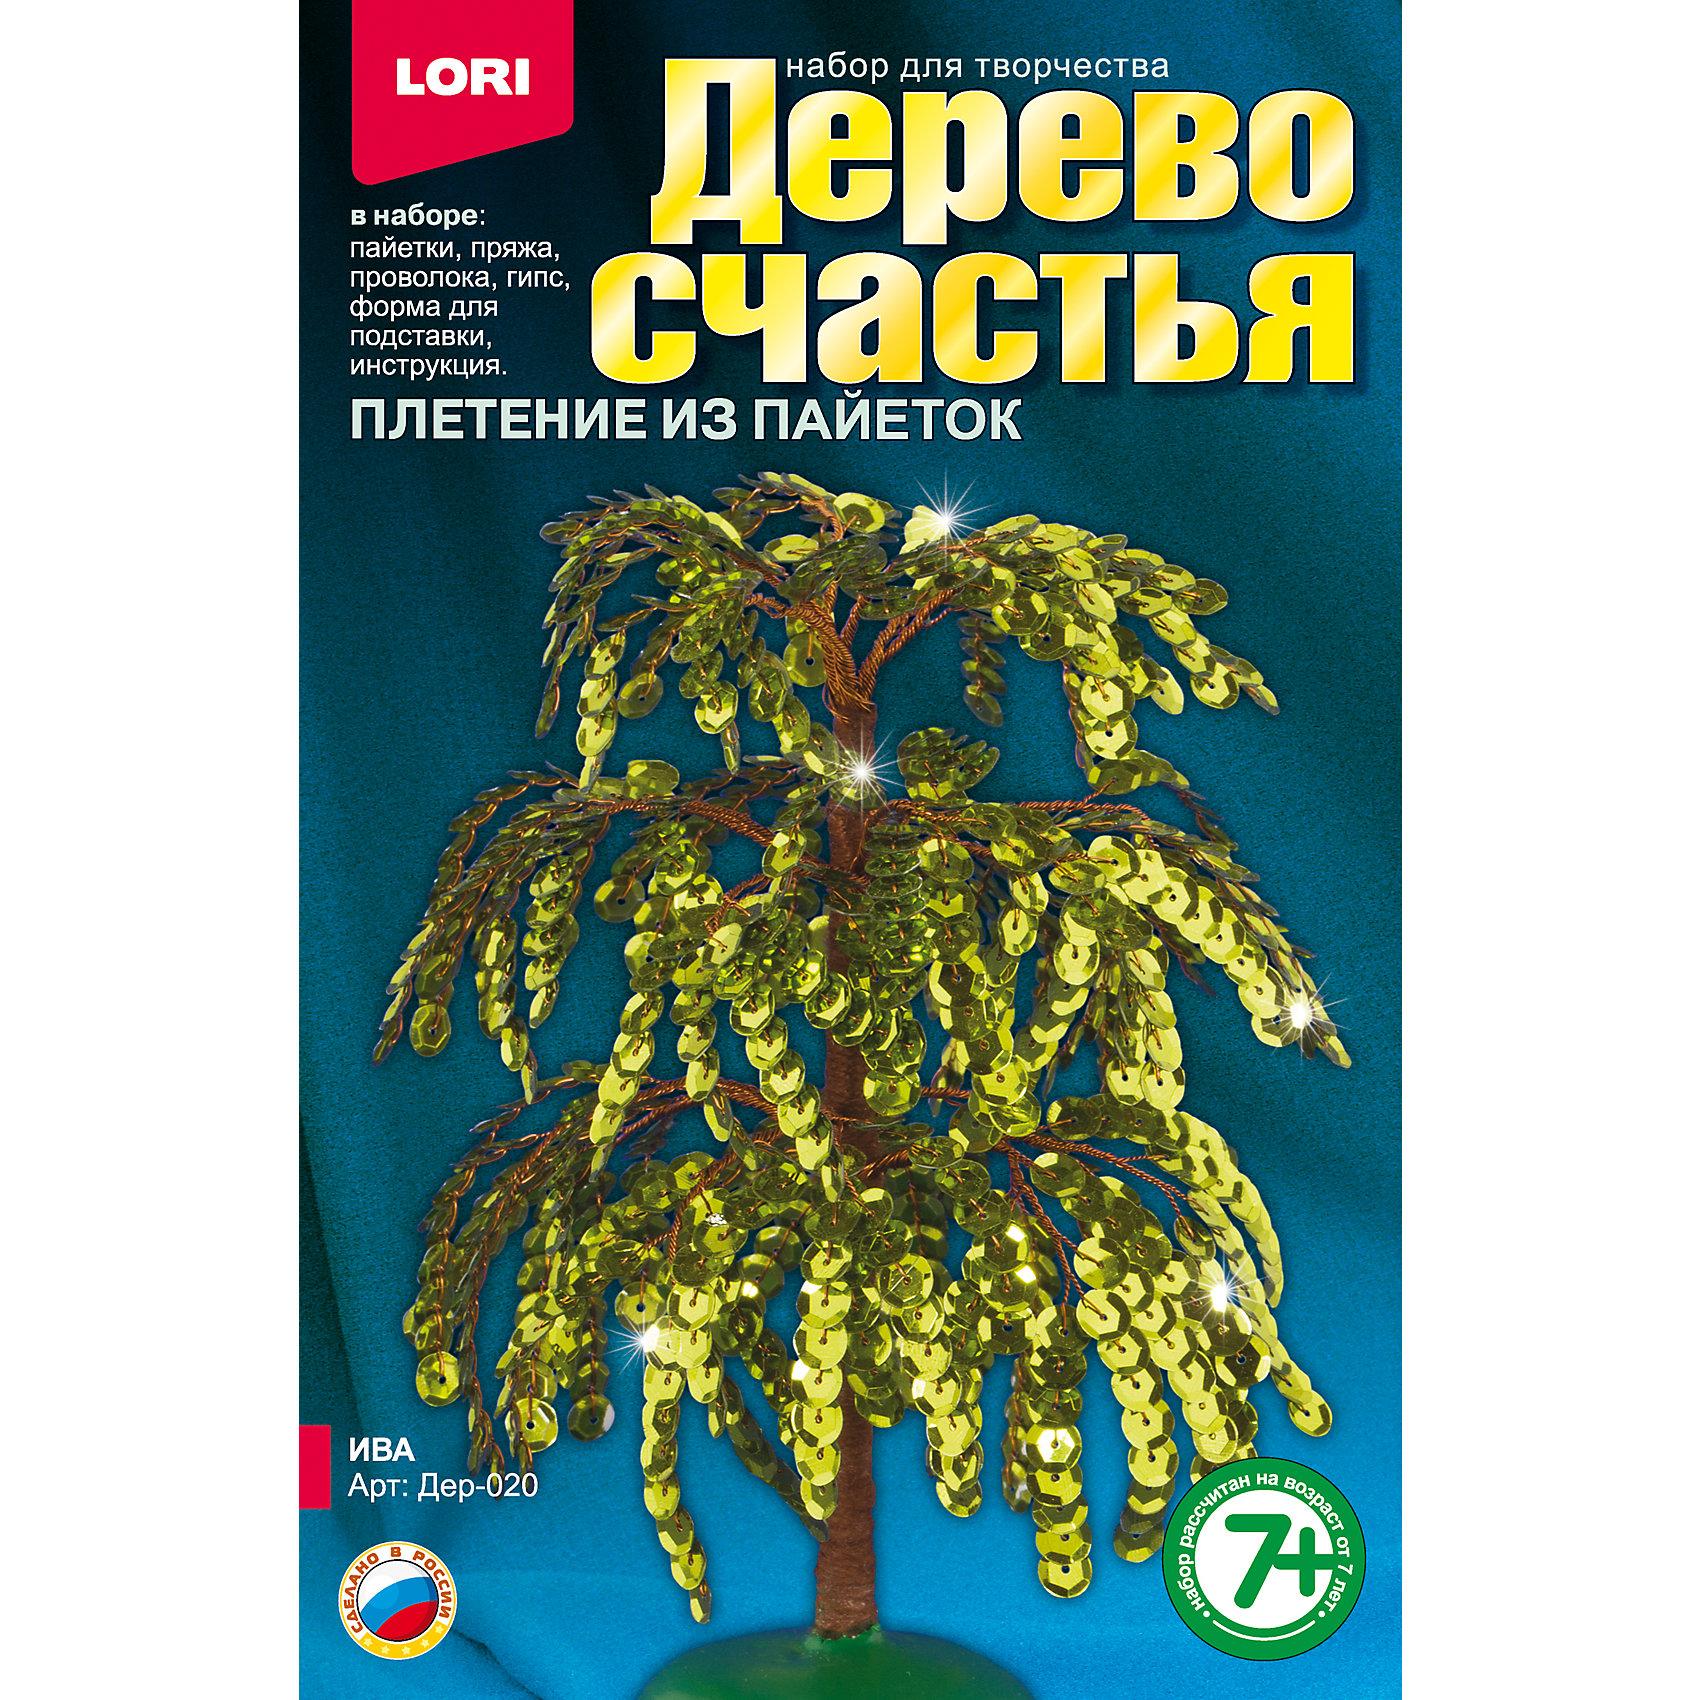 Дерево счастья ИваДеревья из пайеток<br>Характеристики товара:<br><br>• цвет: разноцветный<br>• размер упаковки: 13х20х4 см<br>• вес: 190 г<br>• комплектация: бисер, акриловые бусины, пайетки, пряжа коричневая, проволока, гипс, полистирольная форма для заливки гипса, подробная инструкция<br>• возраст: от семи лет<br>• упаковка: картонная коробка<br>• страна бренда: РФ<br>• страна изготовитель: РФ<br><br>Творчество - это увлекательно и полезно! Такой набор станет отличным подарком ребенку - ведь с помощью него можно получить красивое дерево счастья! В набор входит бисер, акриловые бусины, пайетки, пряжа коричневая, проволока, гипс, полистирольная форма для заливки гипса, подробная инструкция. Чтобы сделать дерево, ребенку нужно заполнить следовать указаниям инструкции. В итоге получается украшение для интерьера или подарок родным.<br>Детям очень нравится что-то делать своими руками! Кроме того, творчество помогает детям развивать важные навыки и способности, оно активизирует мышление, формирует усидчивость, творческие способности, мелкую моторику и воображение. Изделие производится из качественных и проверенных материалов, которые безопасны для детей.<br><br>Набор Дерево счастья Ива от бренда LORI можно купить в нашем интернет-магазине.<br><br>Ширина мм: 208<br>Глубина мм: 135<br>Высота мм: 40<br>Вес г: 181<br>Возраст от месяцев: 84<br>Возраст до месяцев: 144<br>Пол: Женский<br>Возраст: Детский<br>SKU: 5158197